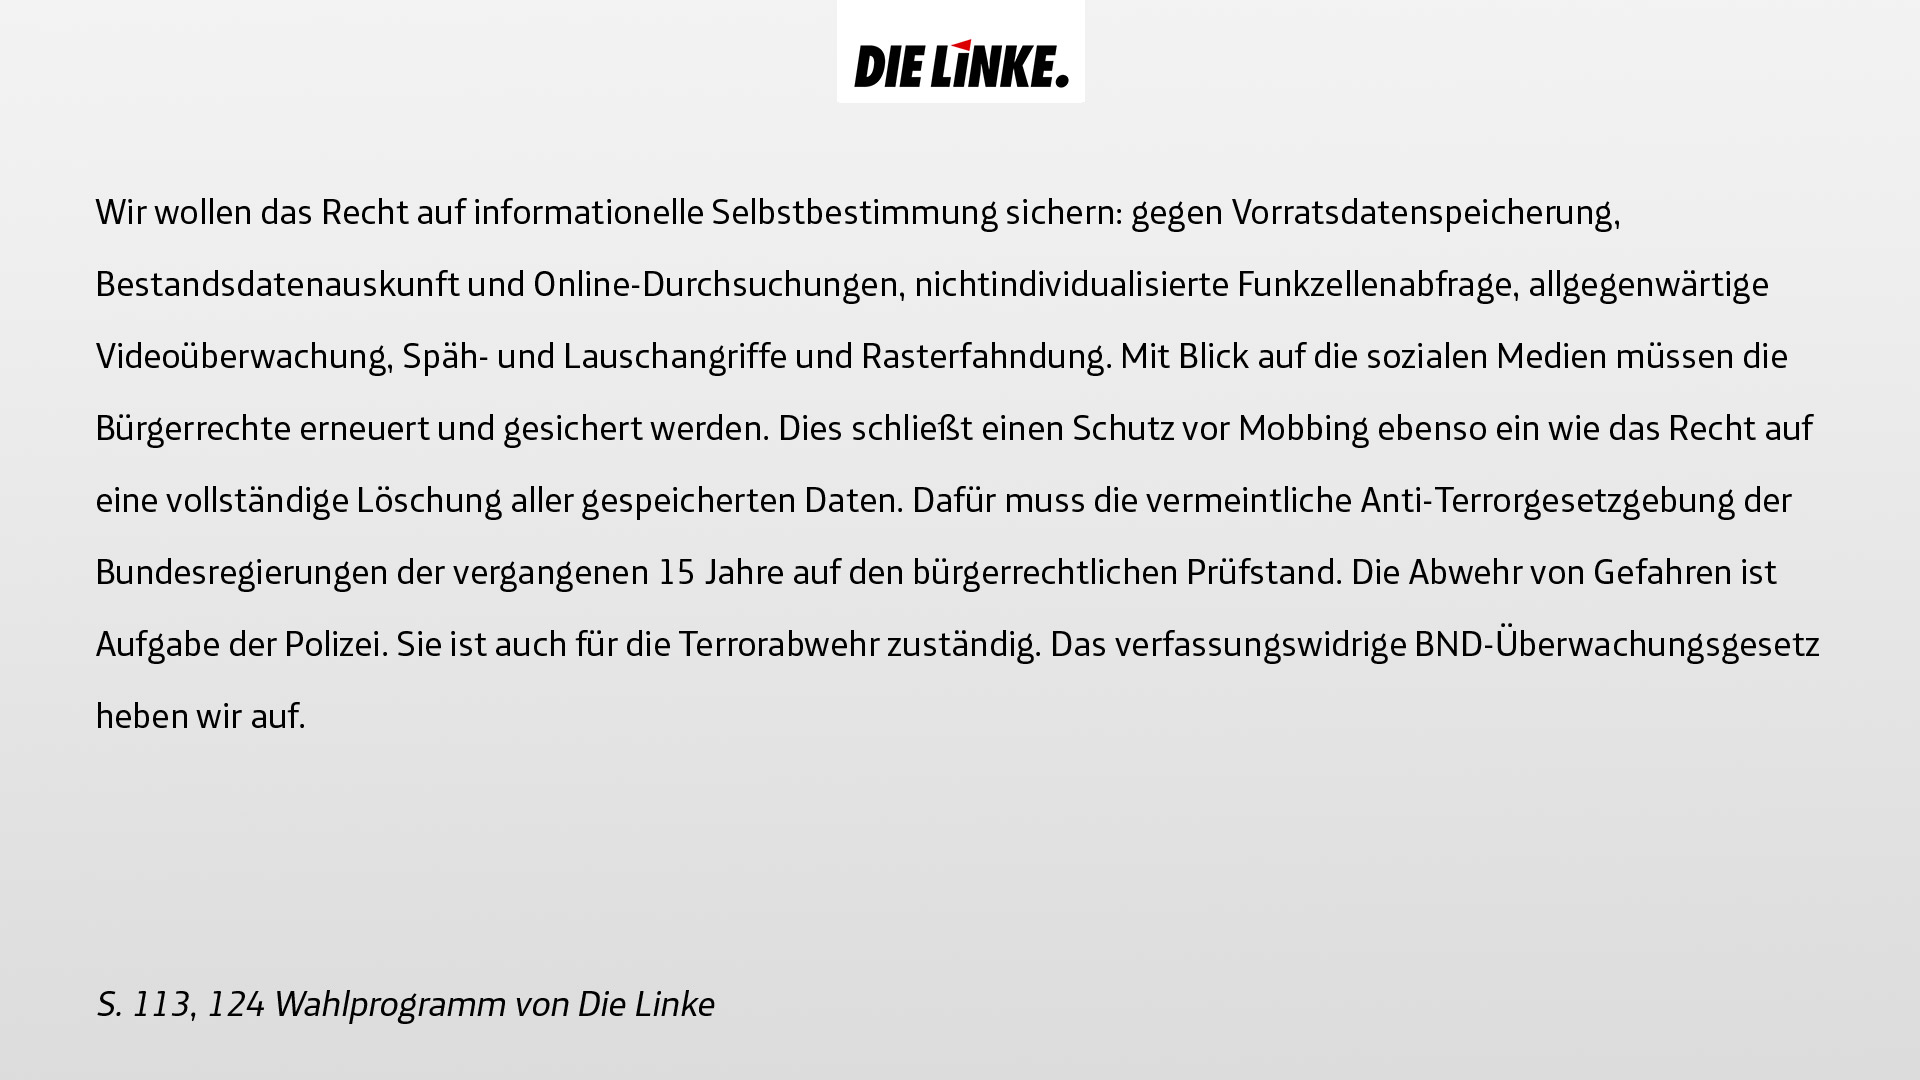 Innere-Sicherheit-LINKE-Slides